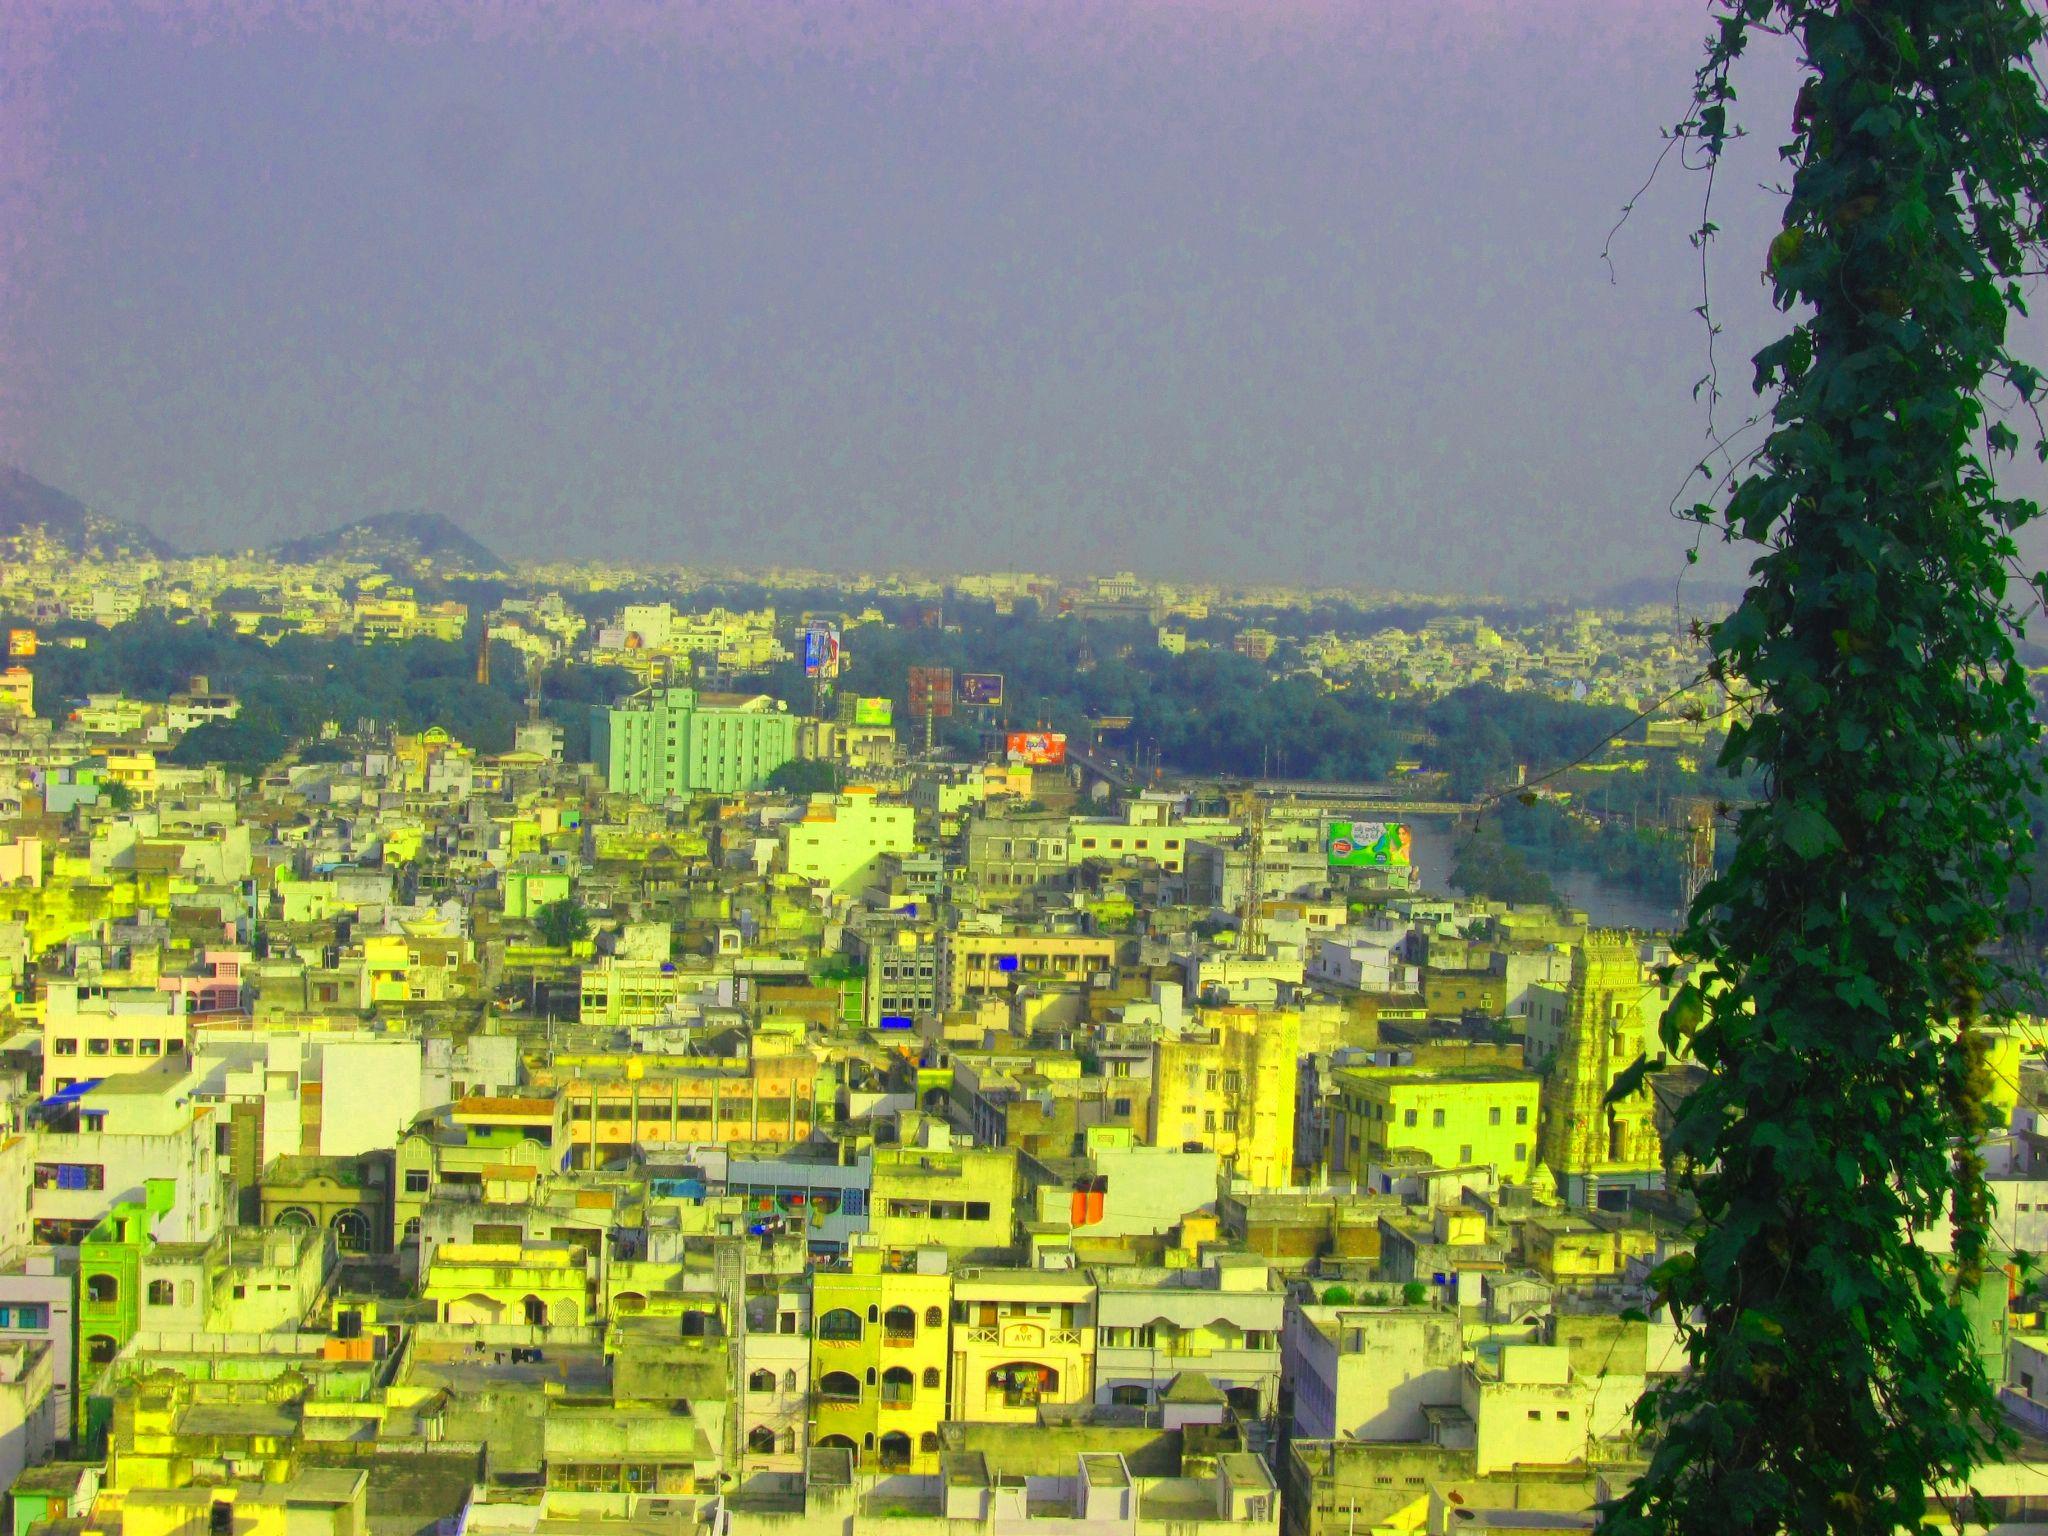 City life by Sailu